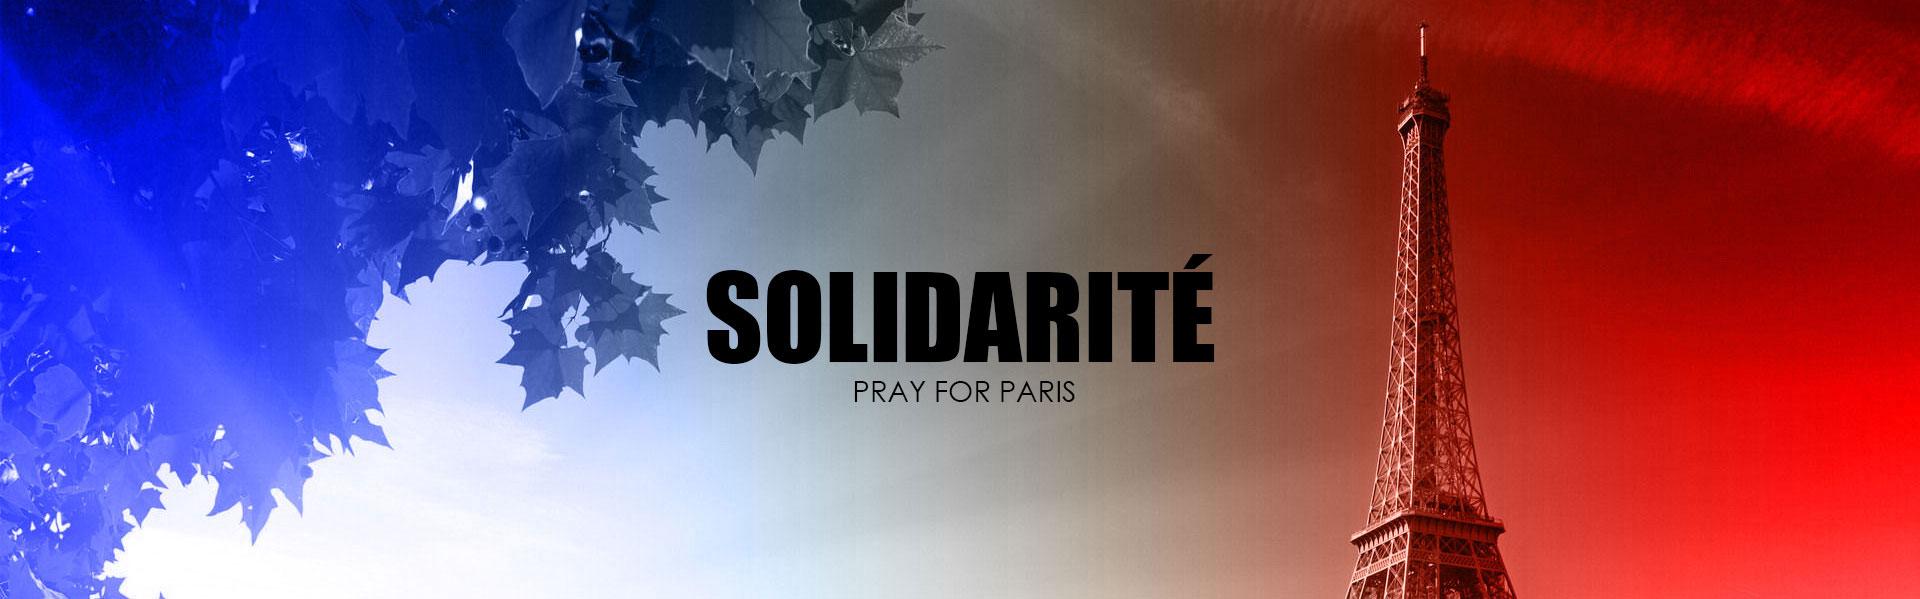 pray-for-paris-solidarite